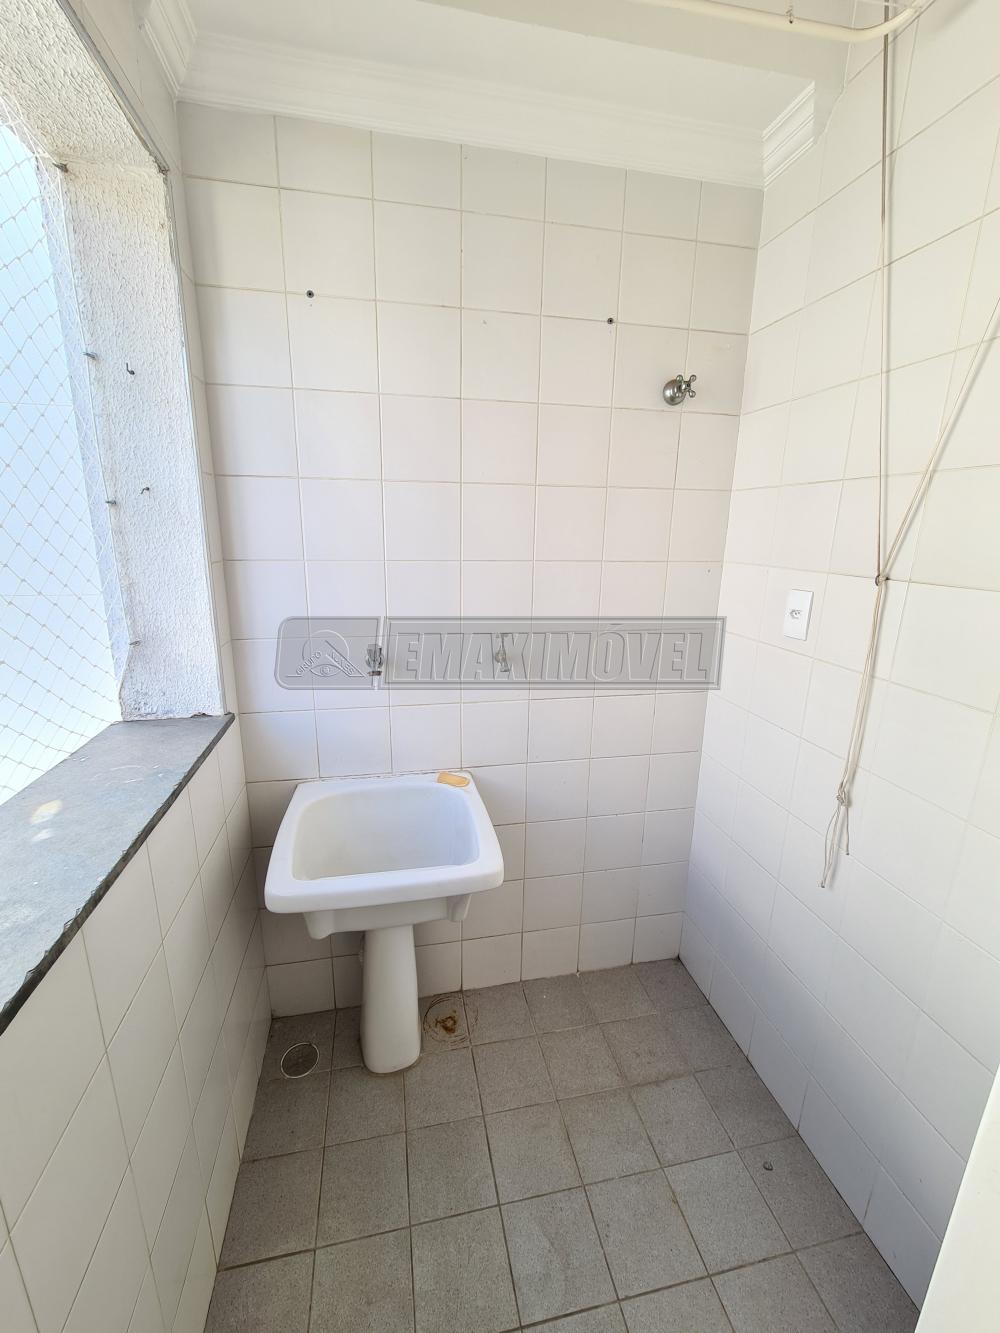 Alugar Apartamentos / Apto Padrão em Sorocaba R$ 1.000,00 - Foto 11